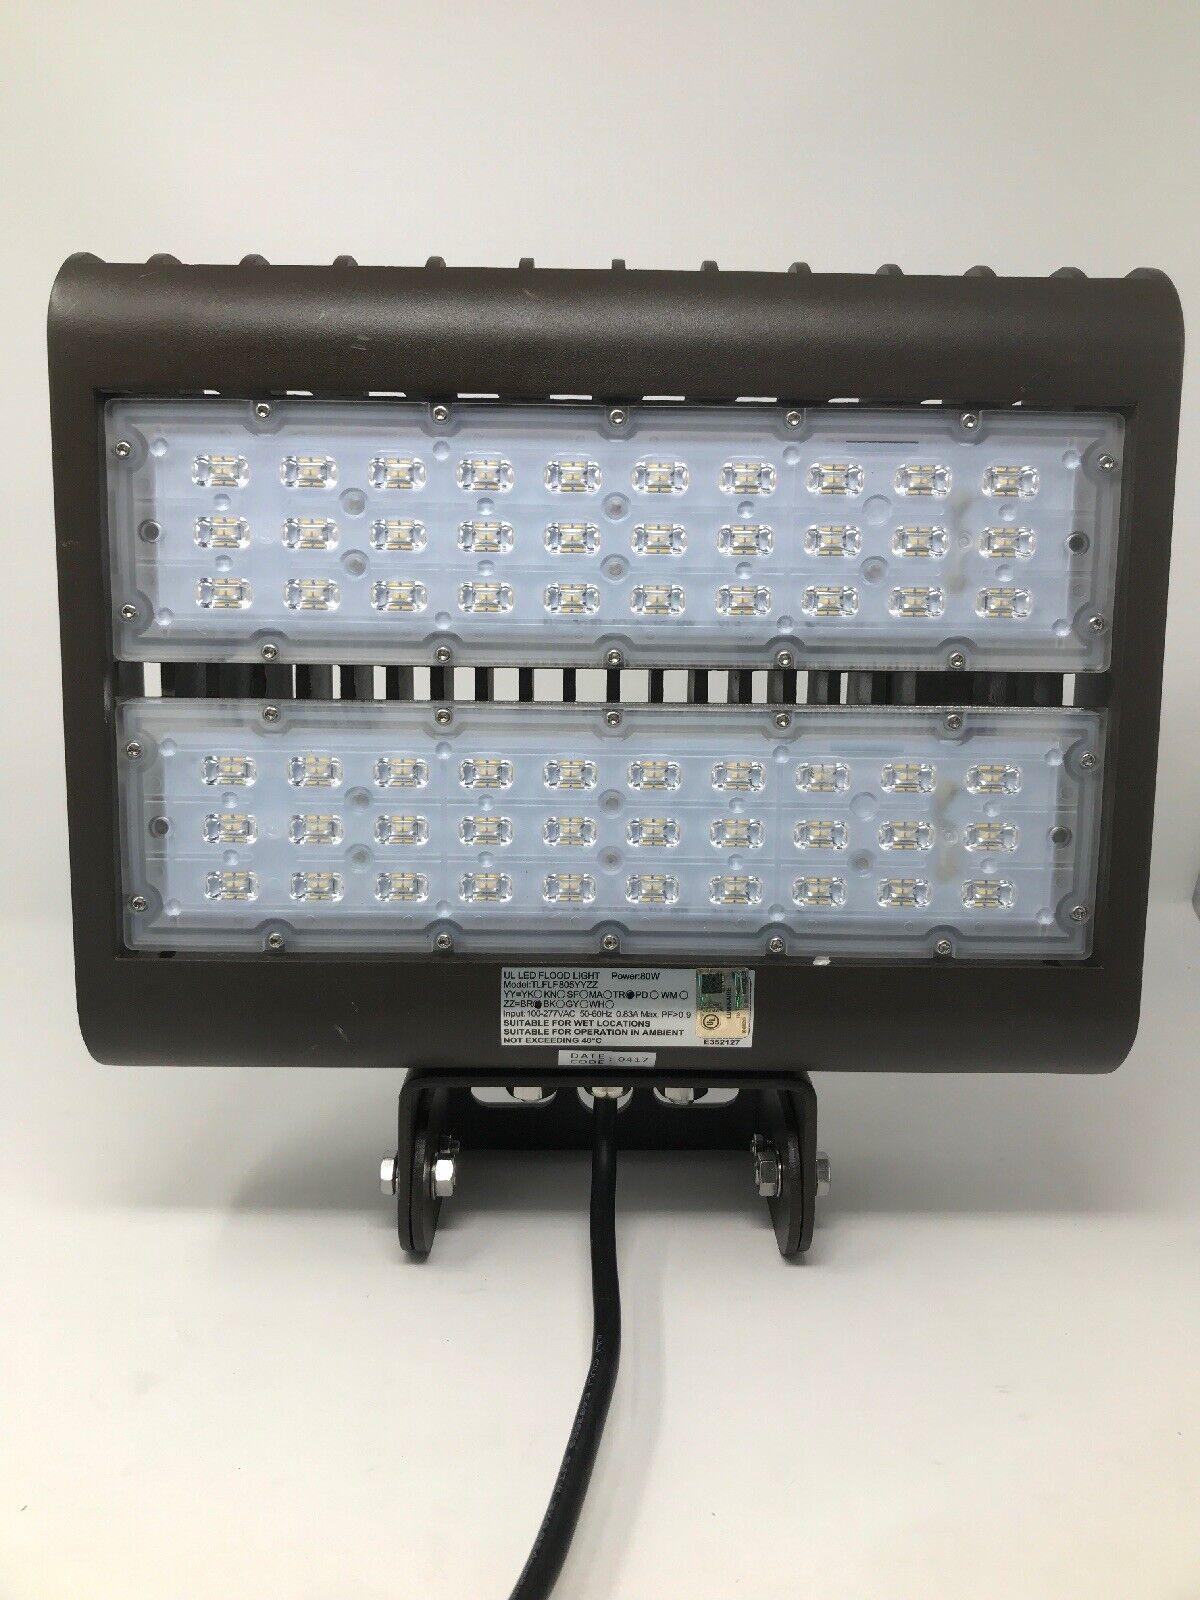 LED Luz de inundación multi propósito - 80W - 5000 Lumes-Nuevo Sin Caja-Envío Gratis